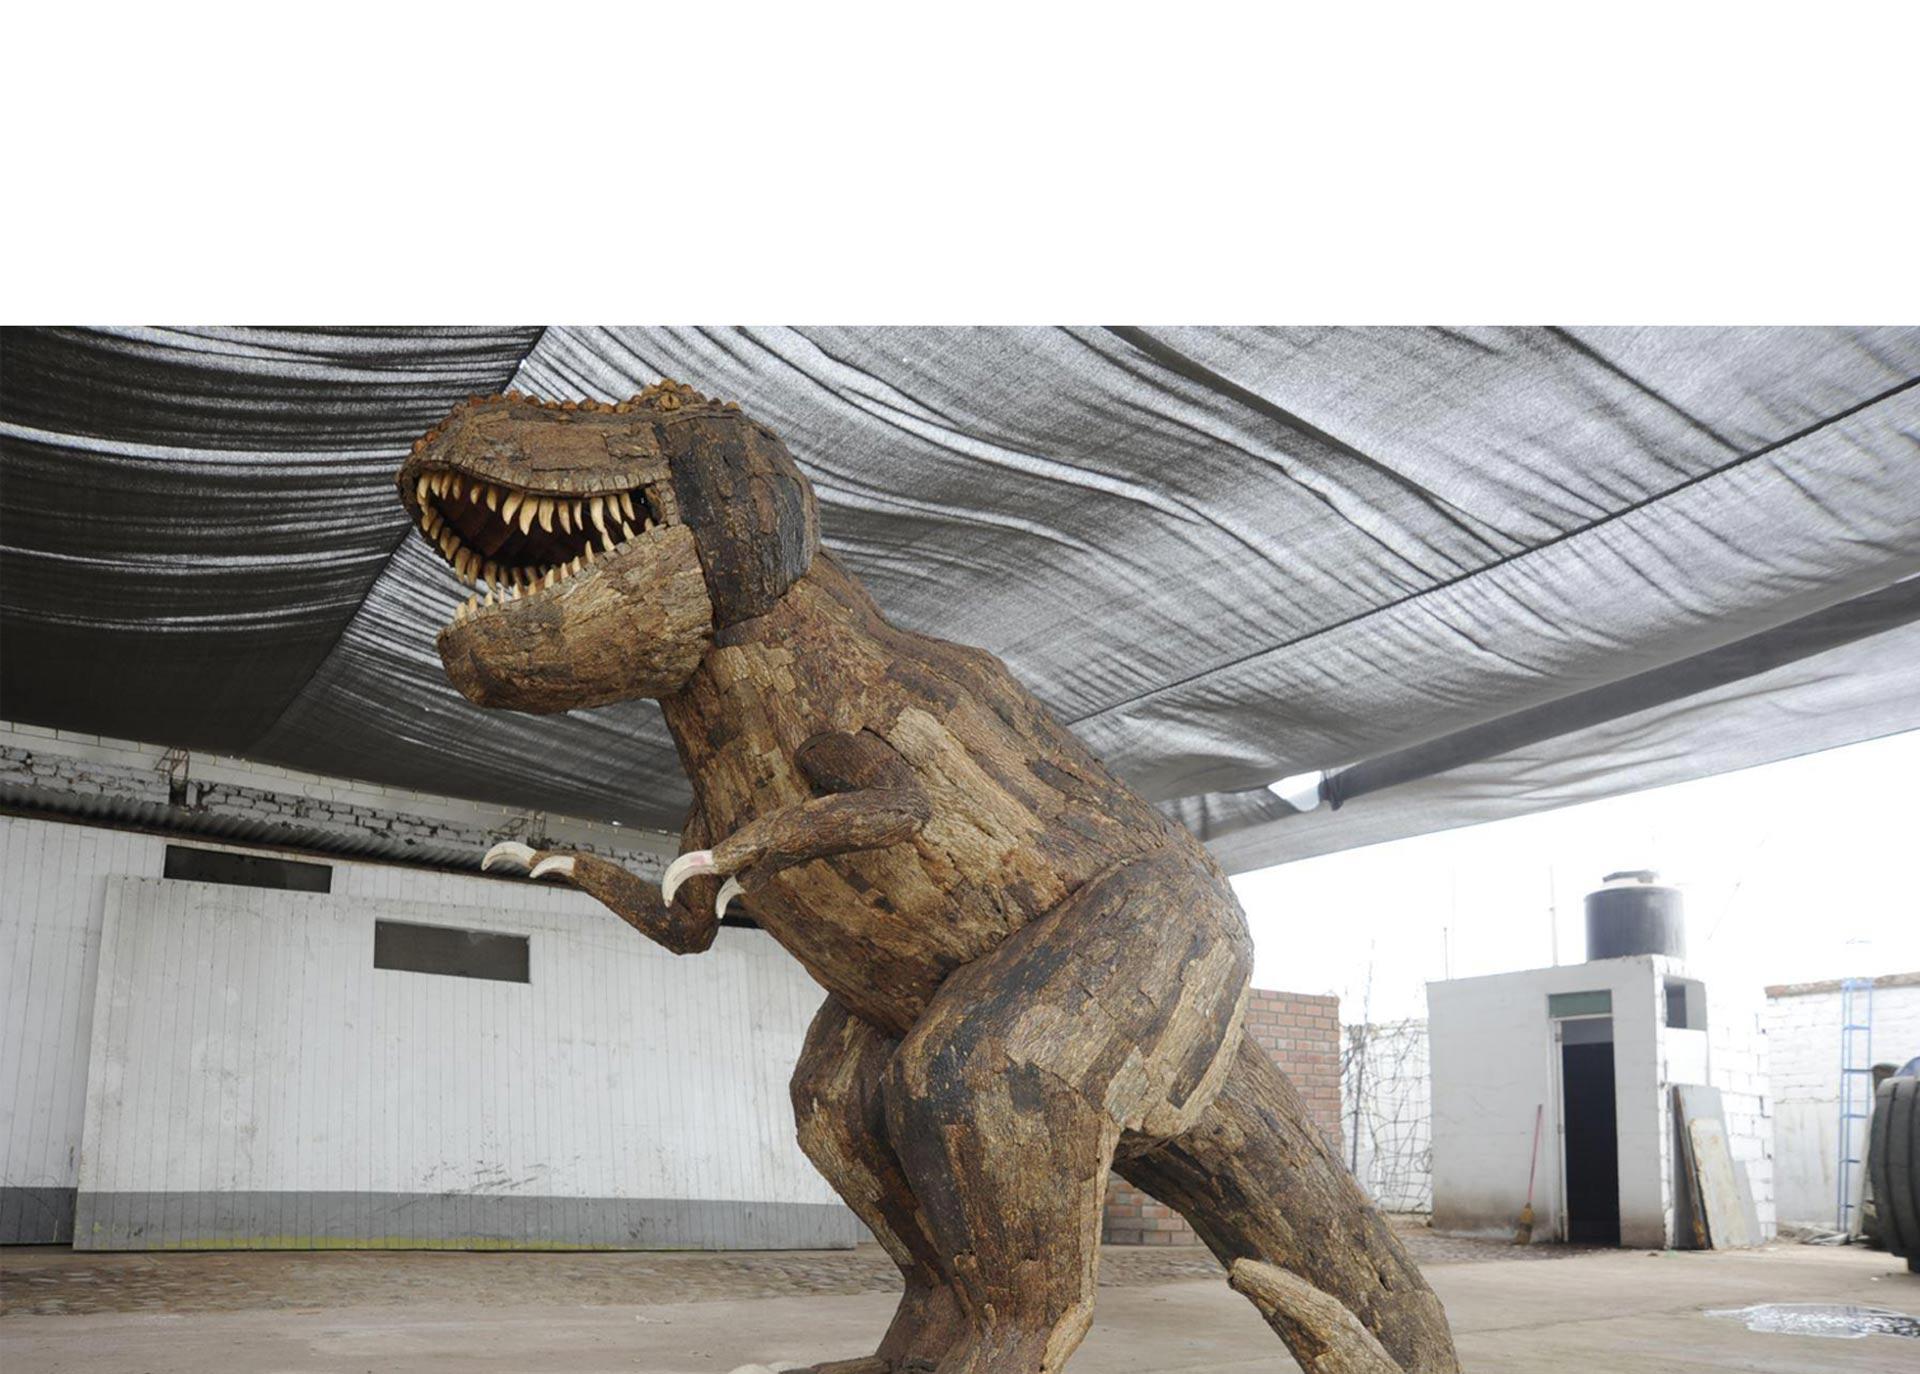 El parque temático más grande de Sudamérica, Voces por el Clima, fue inaugurado, y abrirá sus puertas el 4 de enero